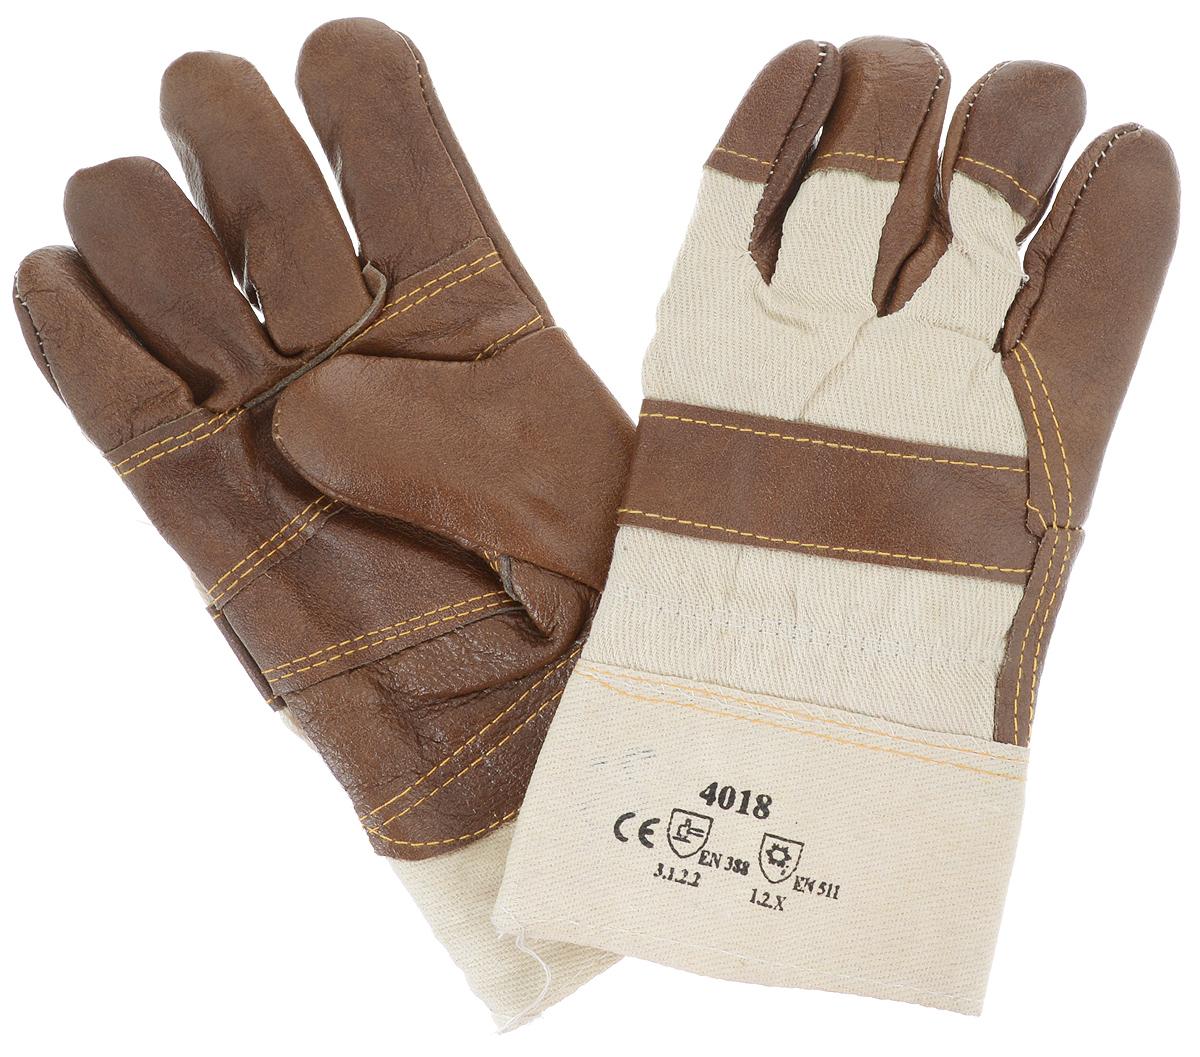 Перчатки защитные Рос, кожаные, цвет: коричневый, бежевый12445_коричневыеКожаные рабочие перчатки Рос предназначены для защиты рук во время строительных и погрузо-разгрузочных работ. Перчатки удобны в эксплуатации и отлично защищают руки от грязи, возникновения мозолей, натирания при продолжительном труде и механических повреждений. Они изготовлены из плотной ткани и натуральной свиной кожи для лучшего сцепления с предметами. Внутри перчатки отделаны синтепоном, который согревает руки и обеспечивает комфорт при работе в условиях пониженных температур. Перчатки отличаются прочностью и износостойкостью, устойчивы к истиранию и имеют долгий срок службы.